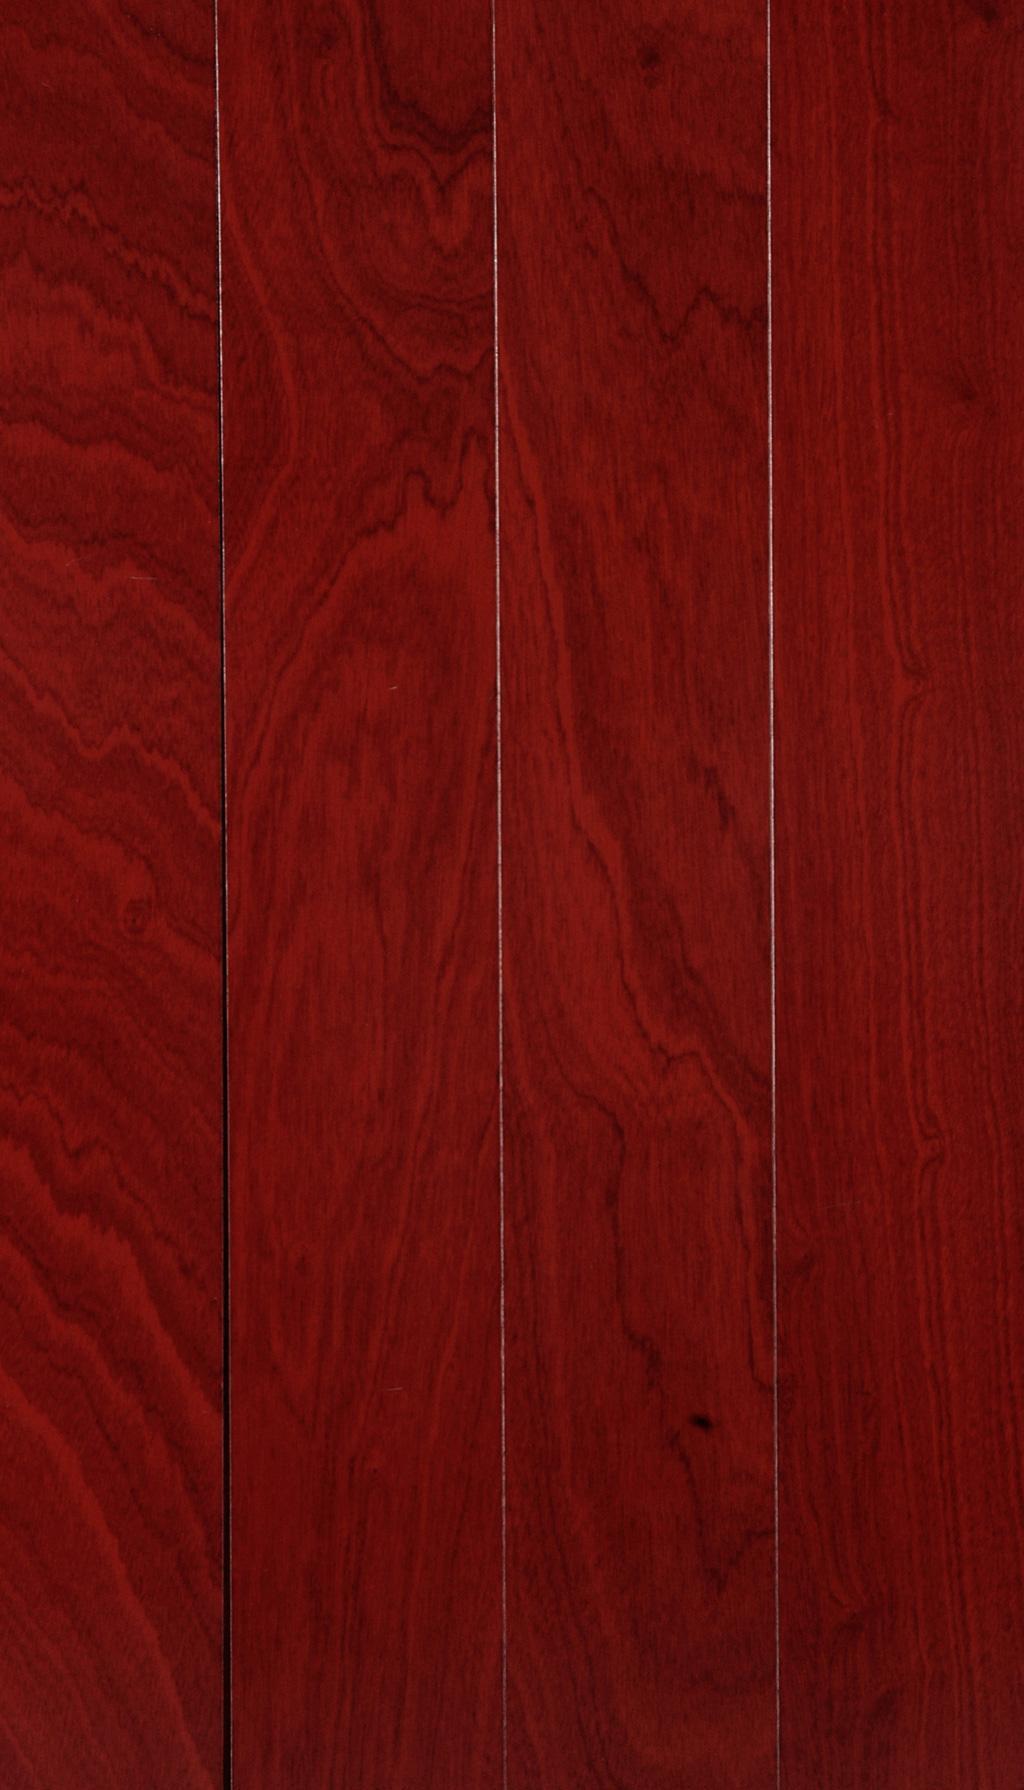 新生活家实木复合地板-普通板-卡拉布木卡拉布木